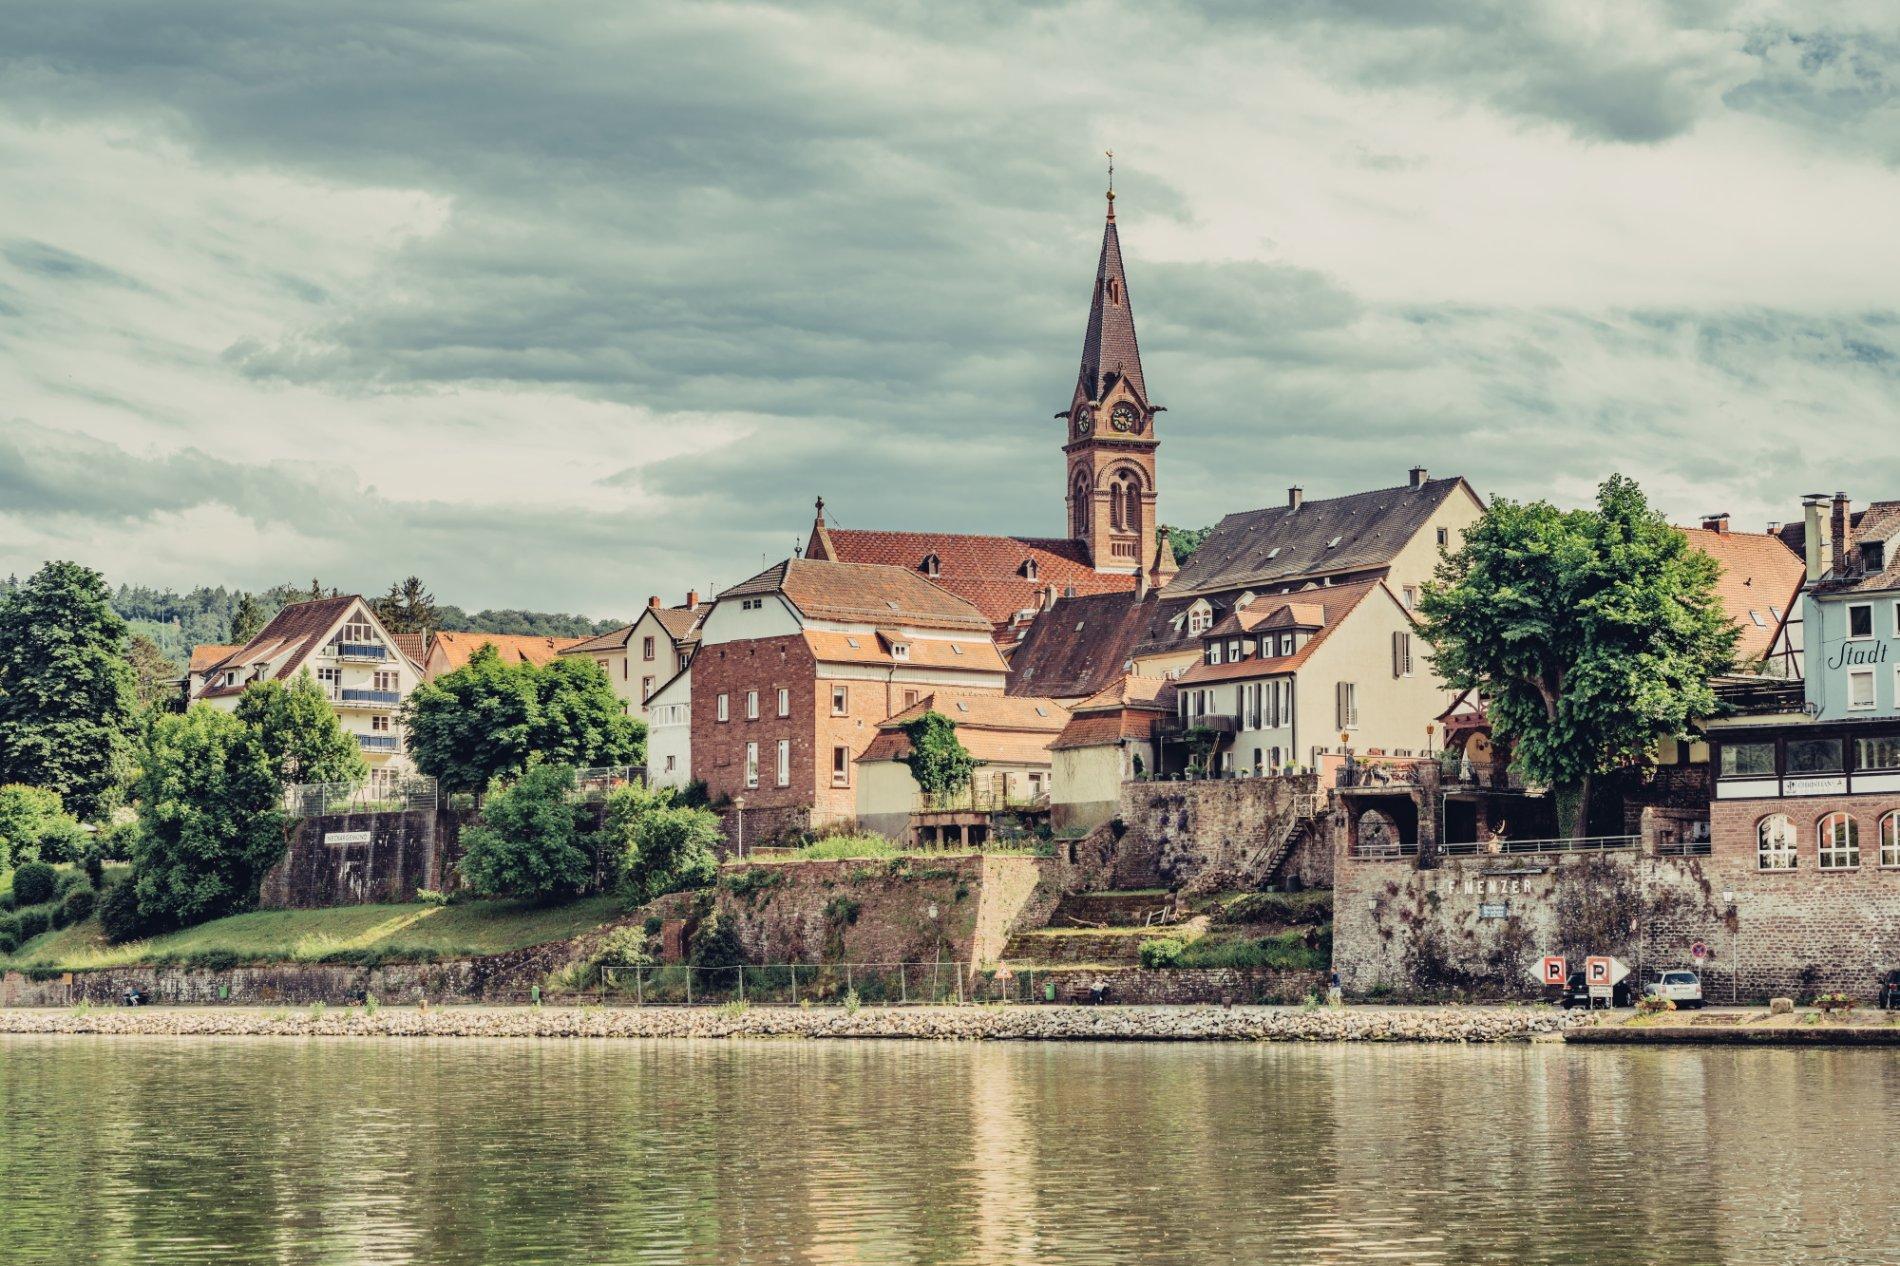 Die romantische Altstadt von Neckargemünd